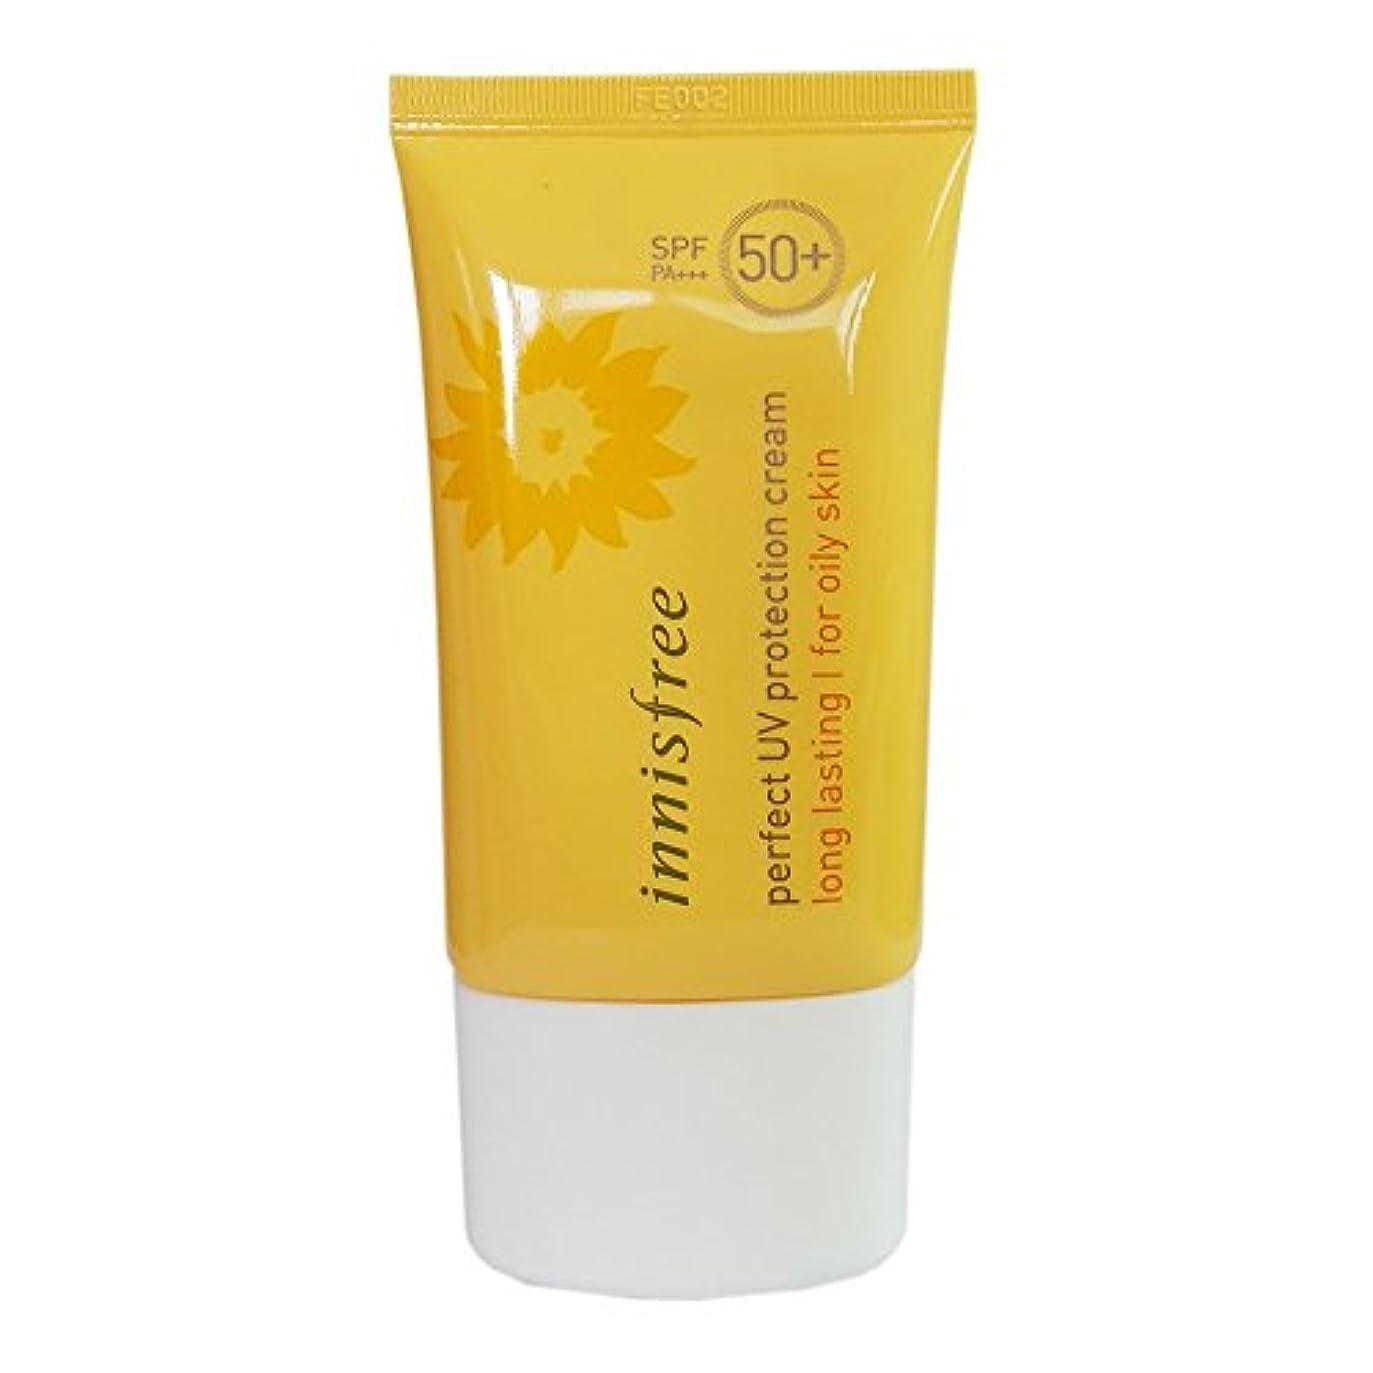 バスルーム強化ロビー[イニスプリー]Innisfree パーフェクトUVプロテクションクリームロング?ラスティング 脂複合性肌用 SPF50+PA+++ 50ml Innisfree Perfect UV Protection Cream...